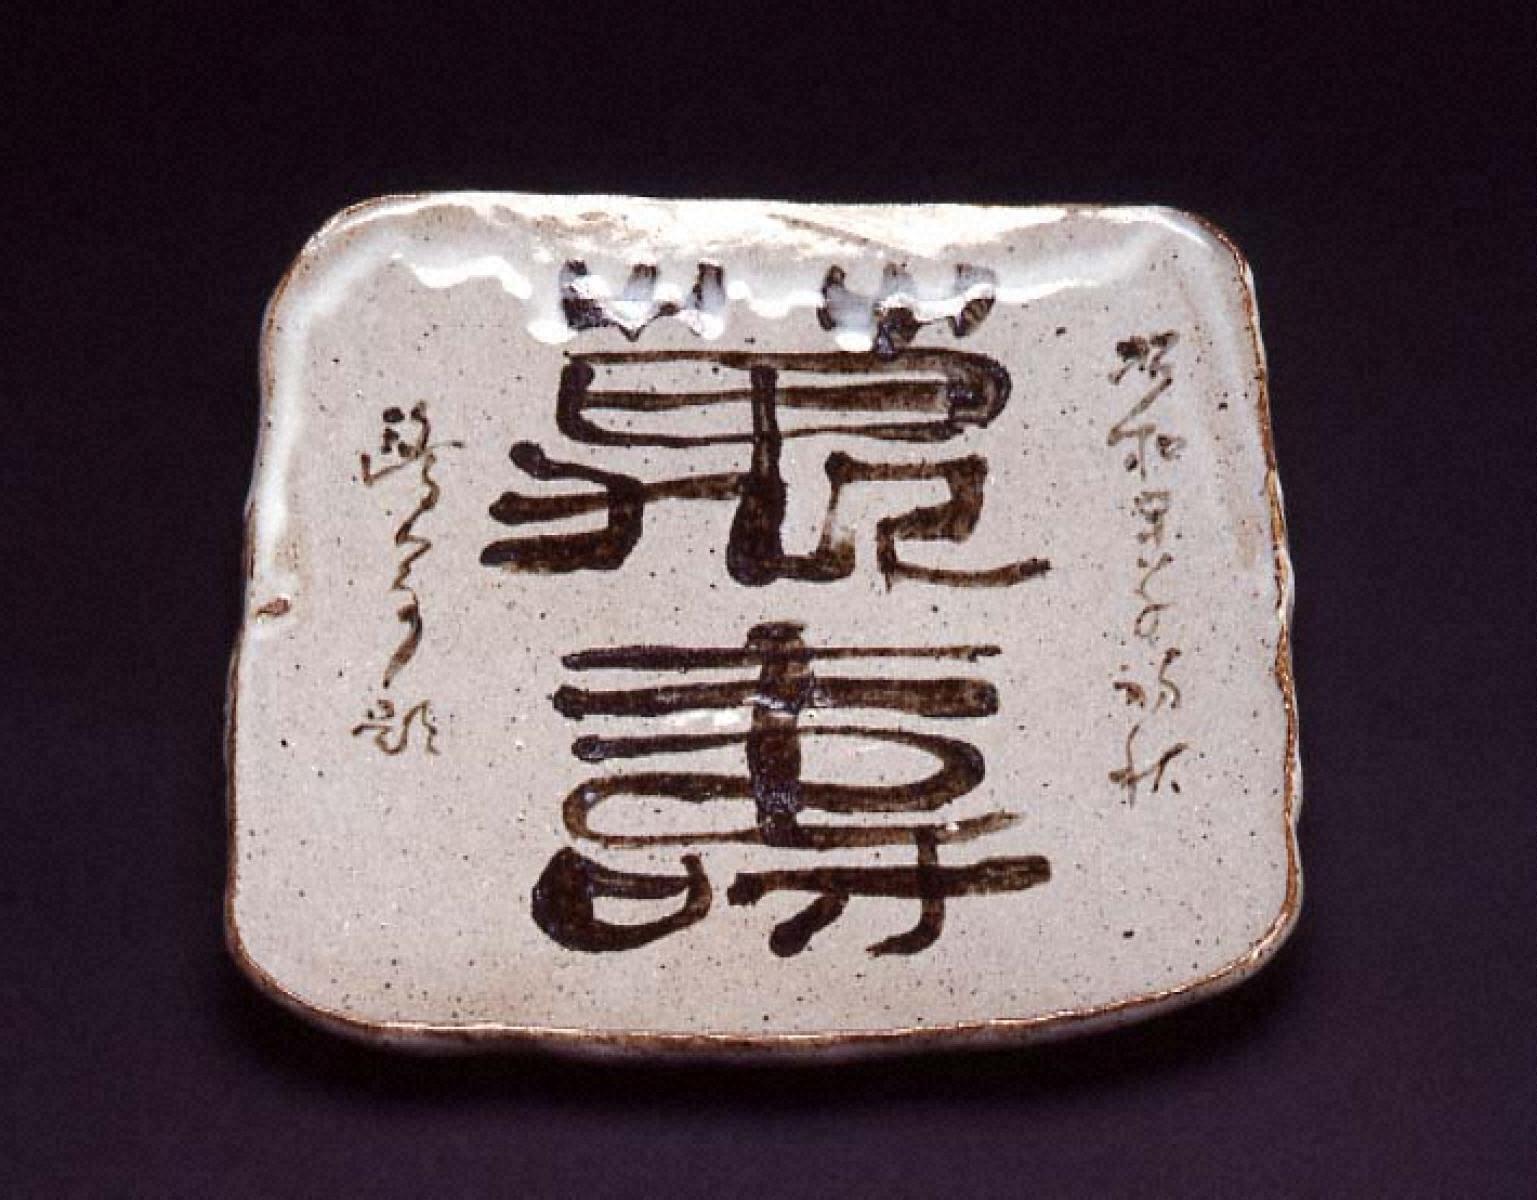 鷗亭題字「萬寿」虎渓山皿